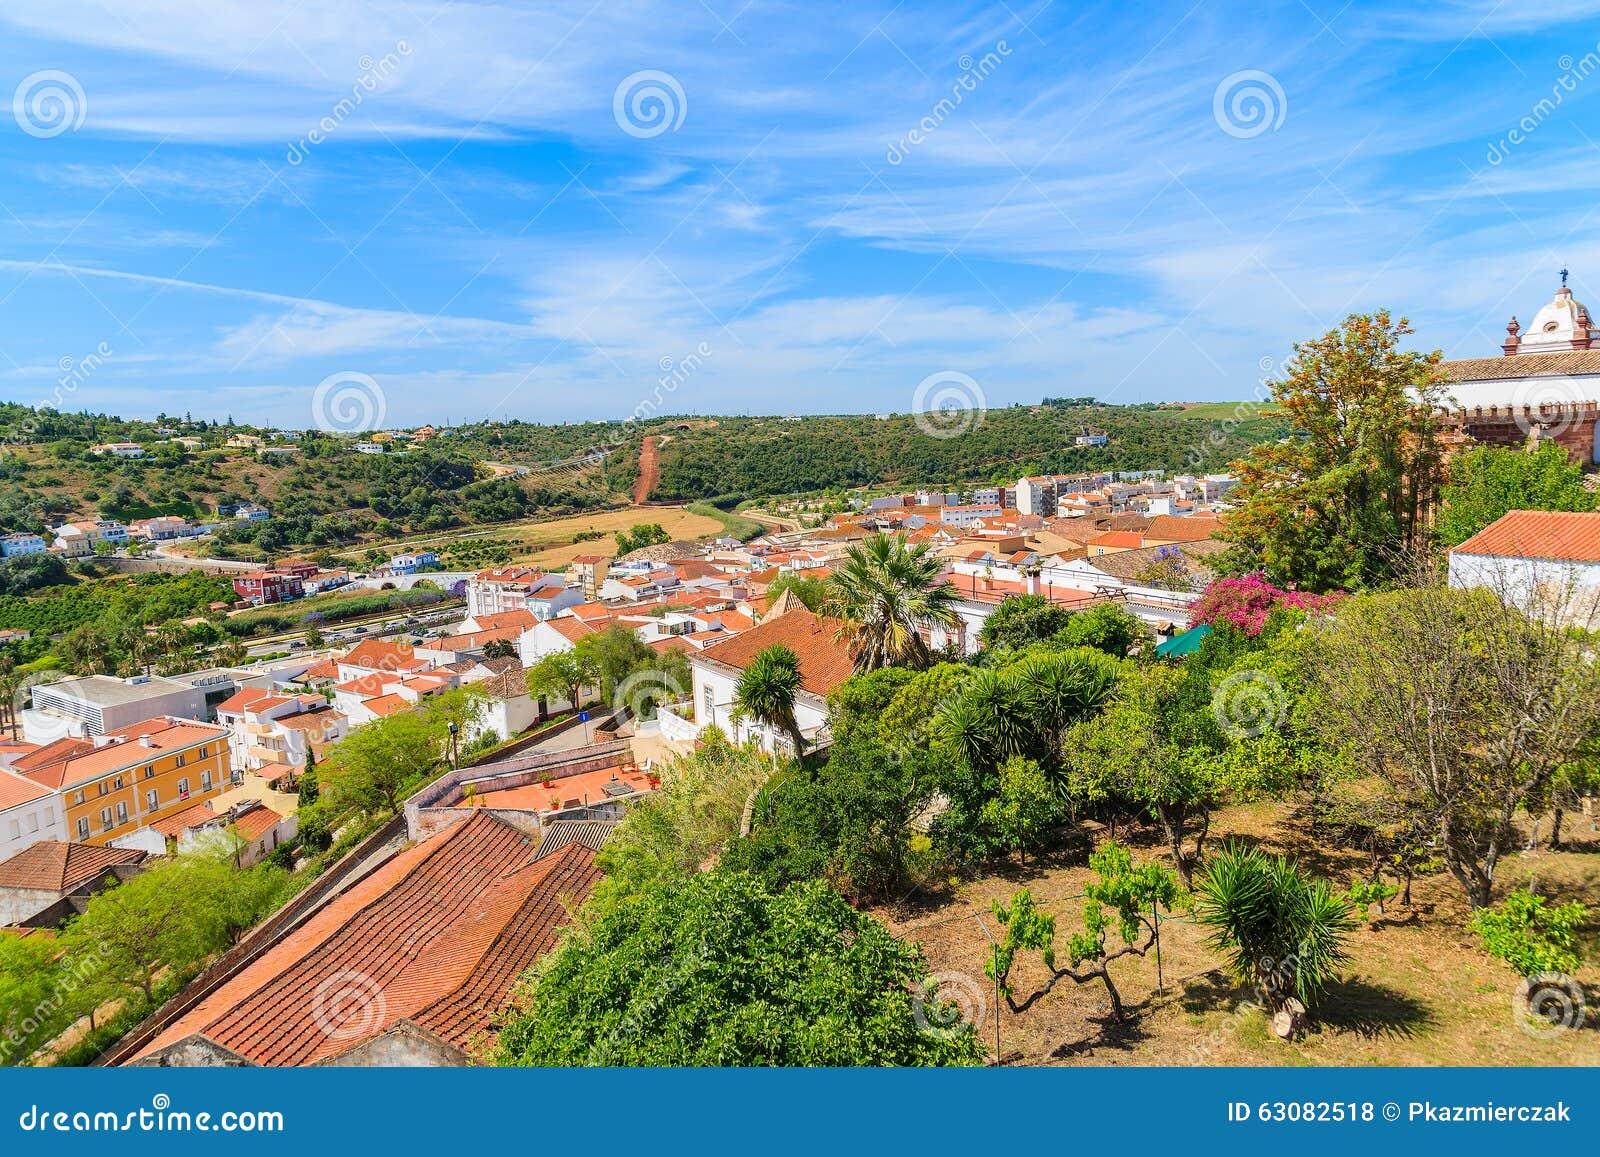 Download Vue De Ville De Silves Avec Les Maisons Colorées Photo stock - Image du vieux, architecture: 63082518